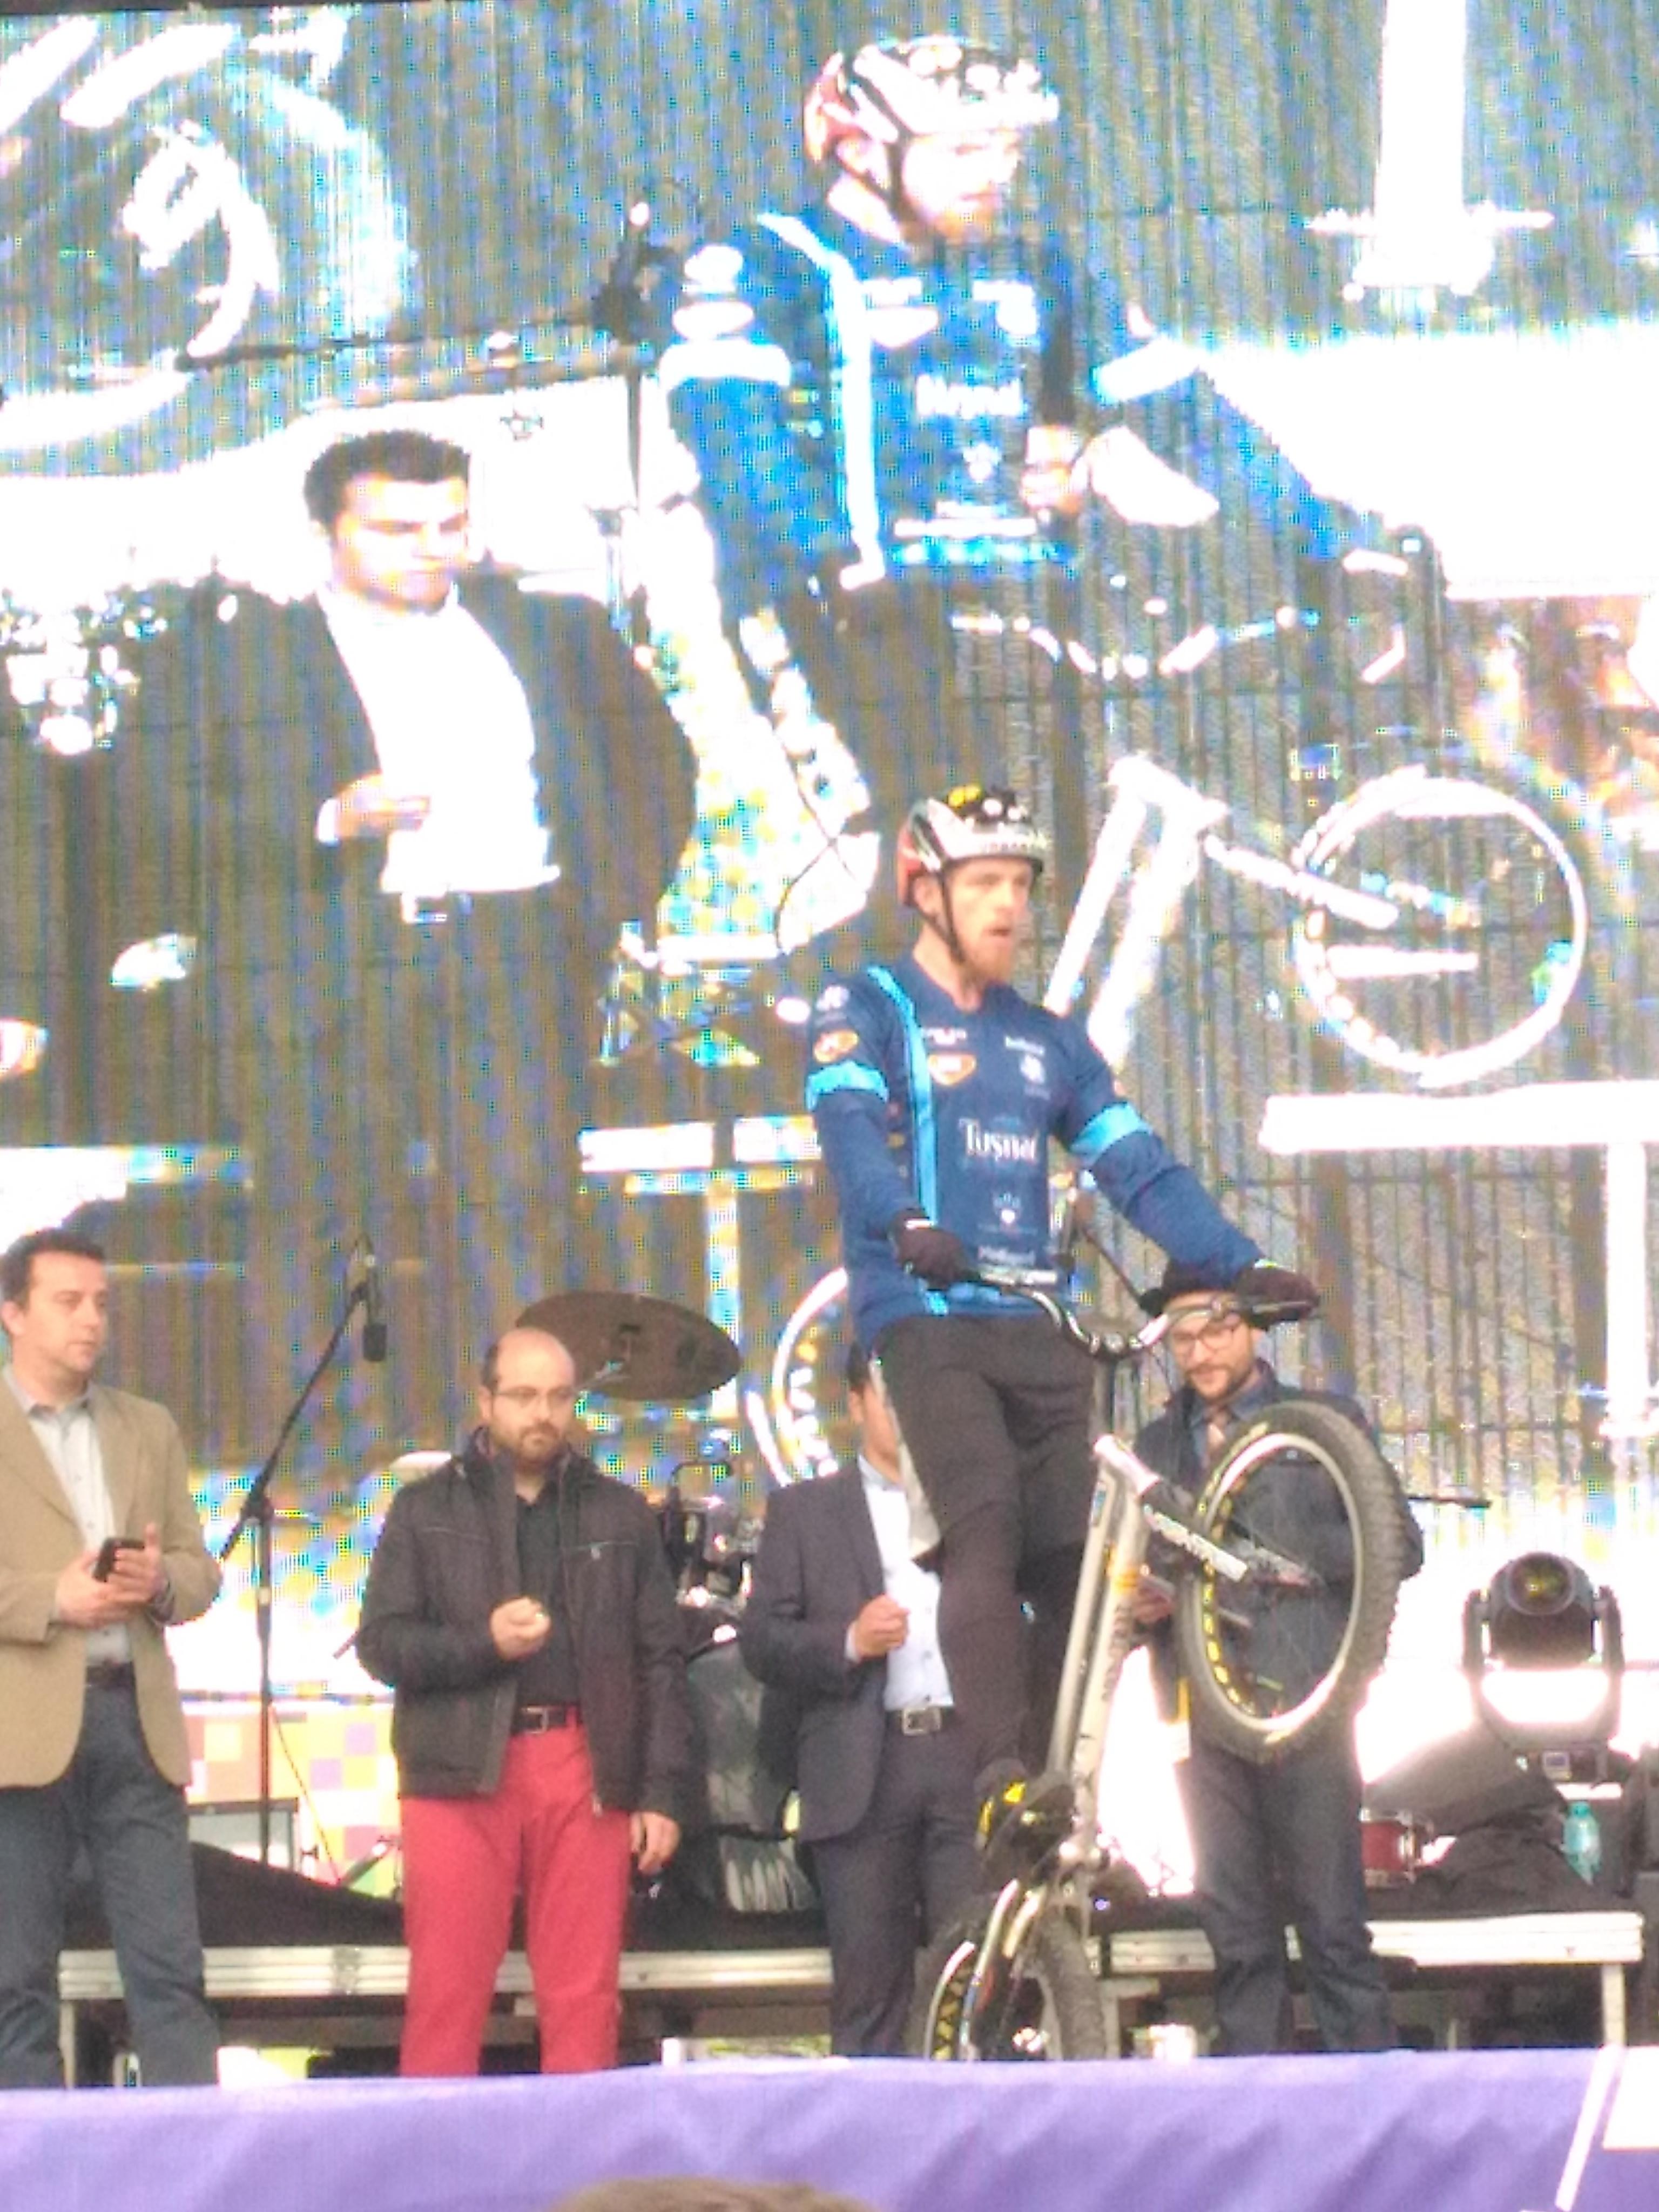 Cu 561 de sărituri pe o roată, ciclistul Orban Barra Gabor ar putea intra din nou în Guinness Book